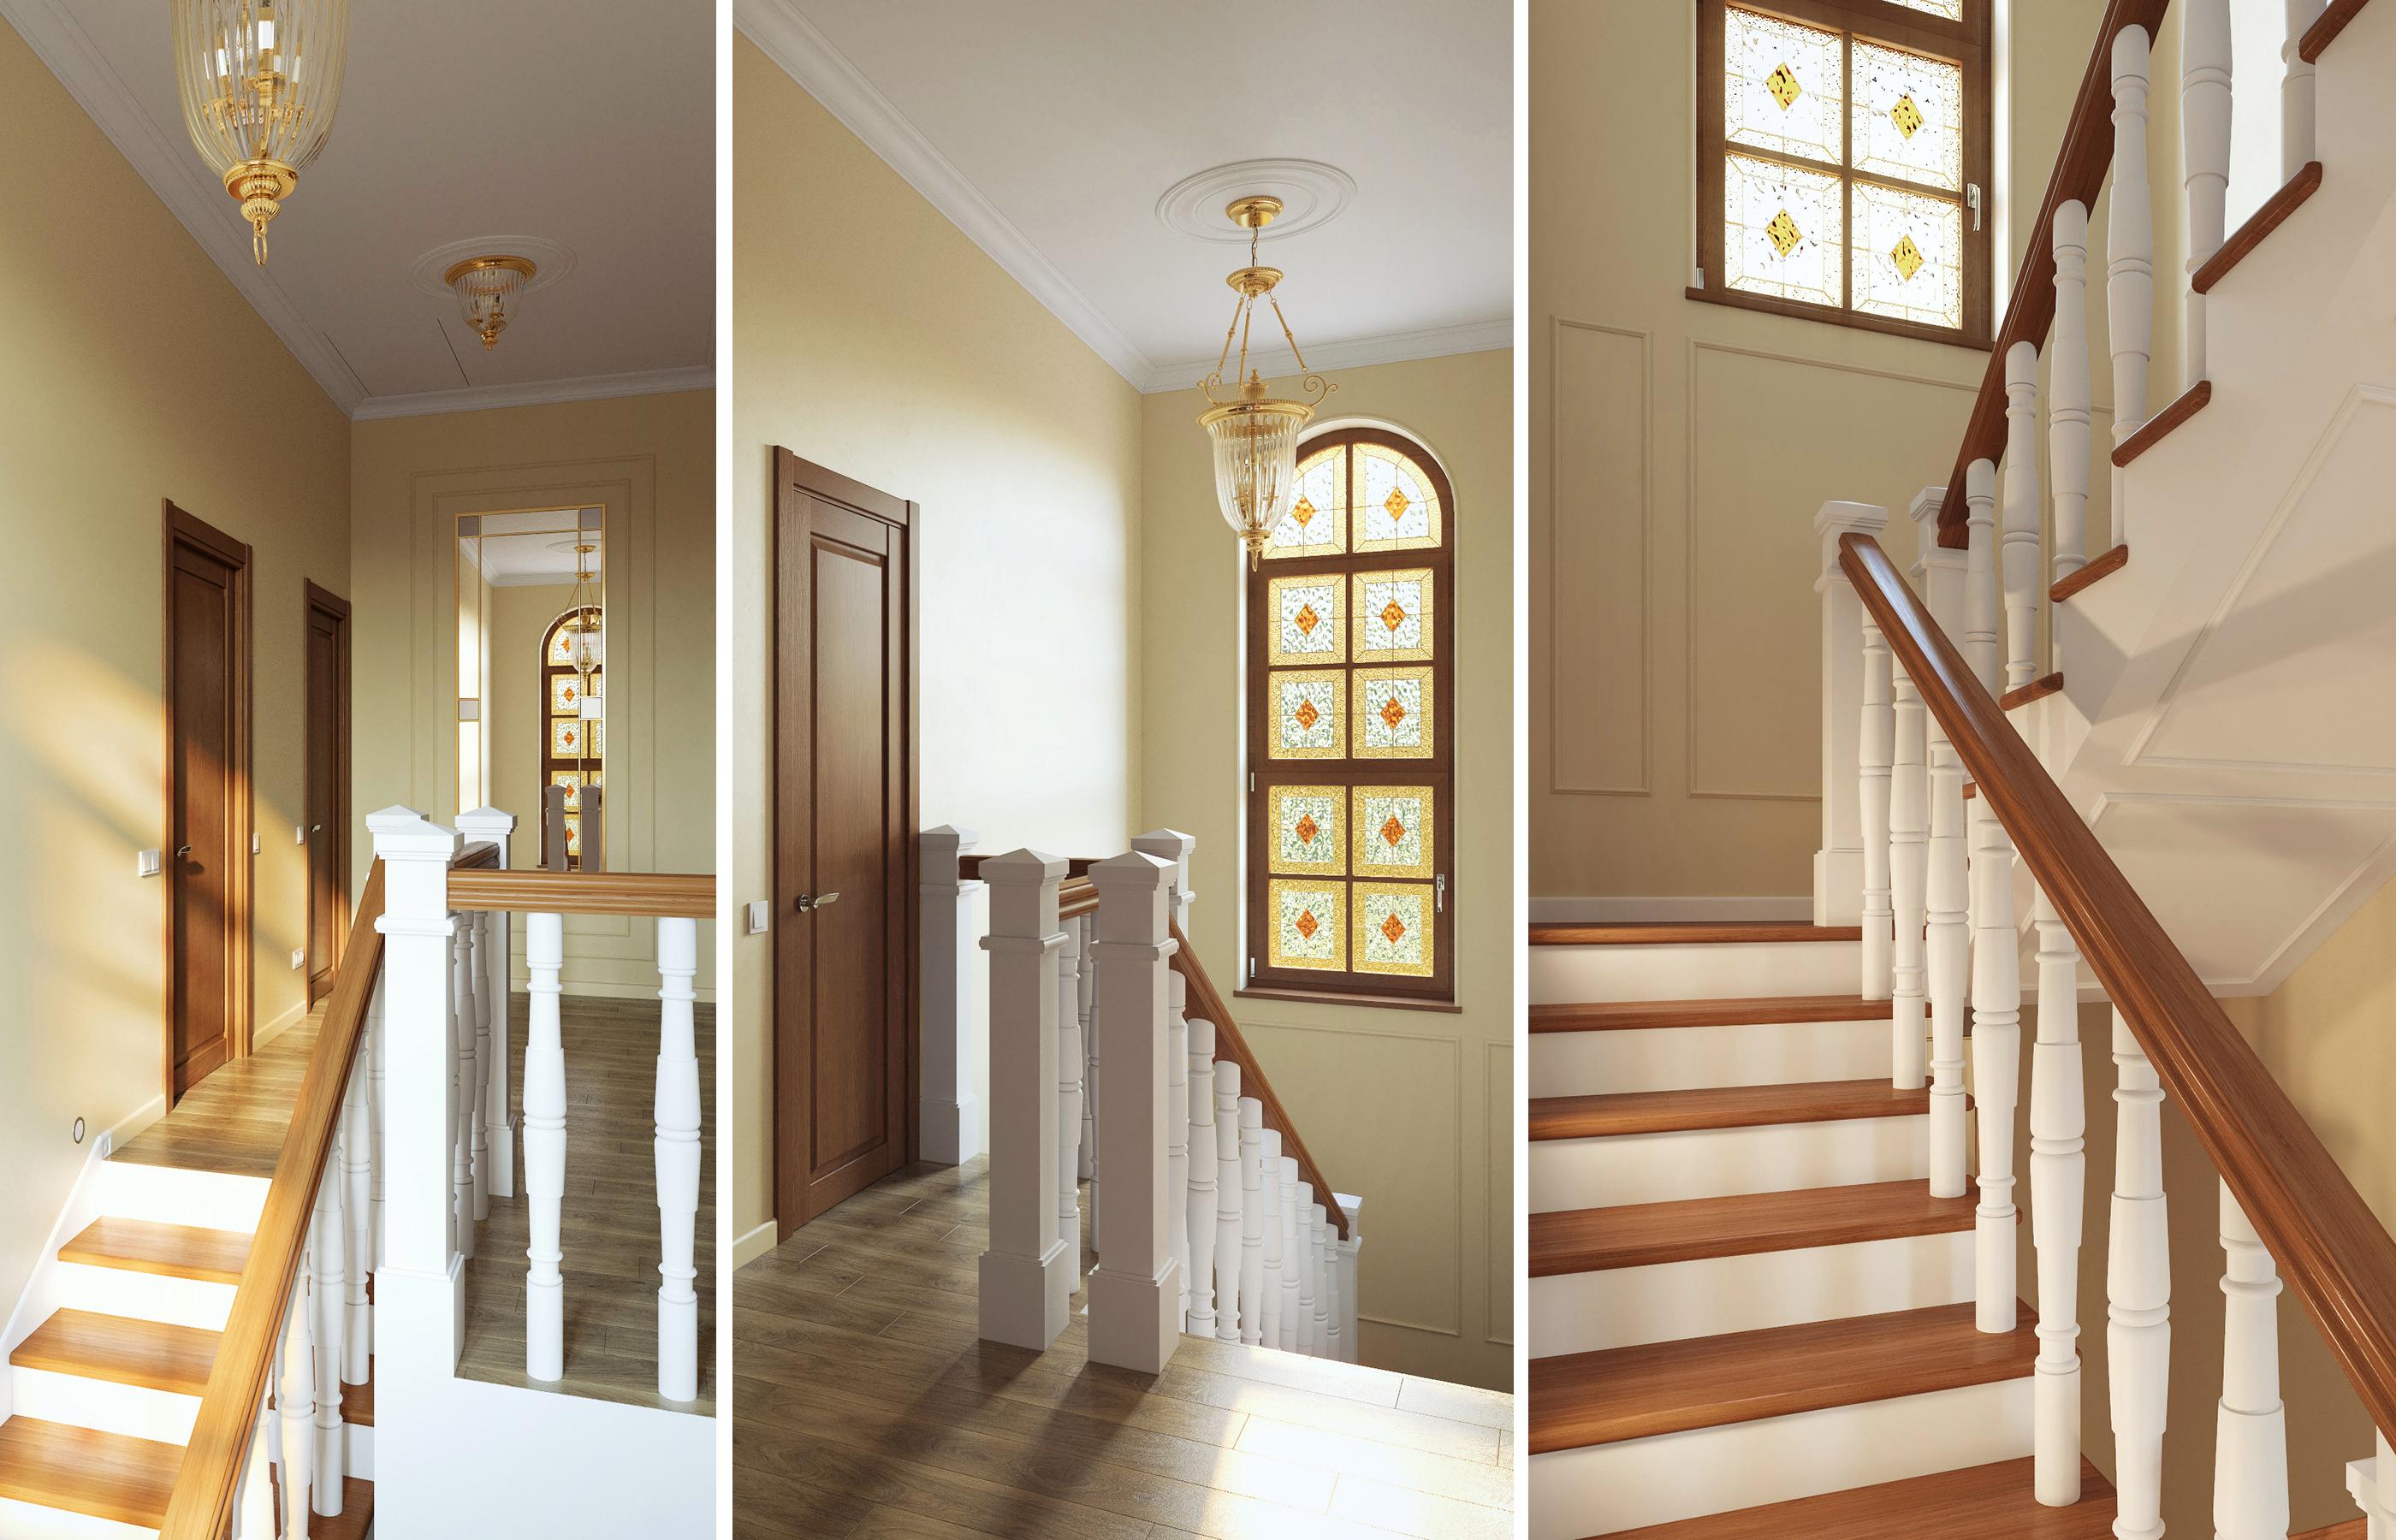 Дизайн интерьера холла с белой деревянной лестницей